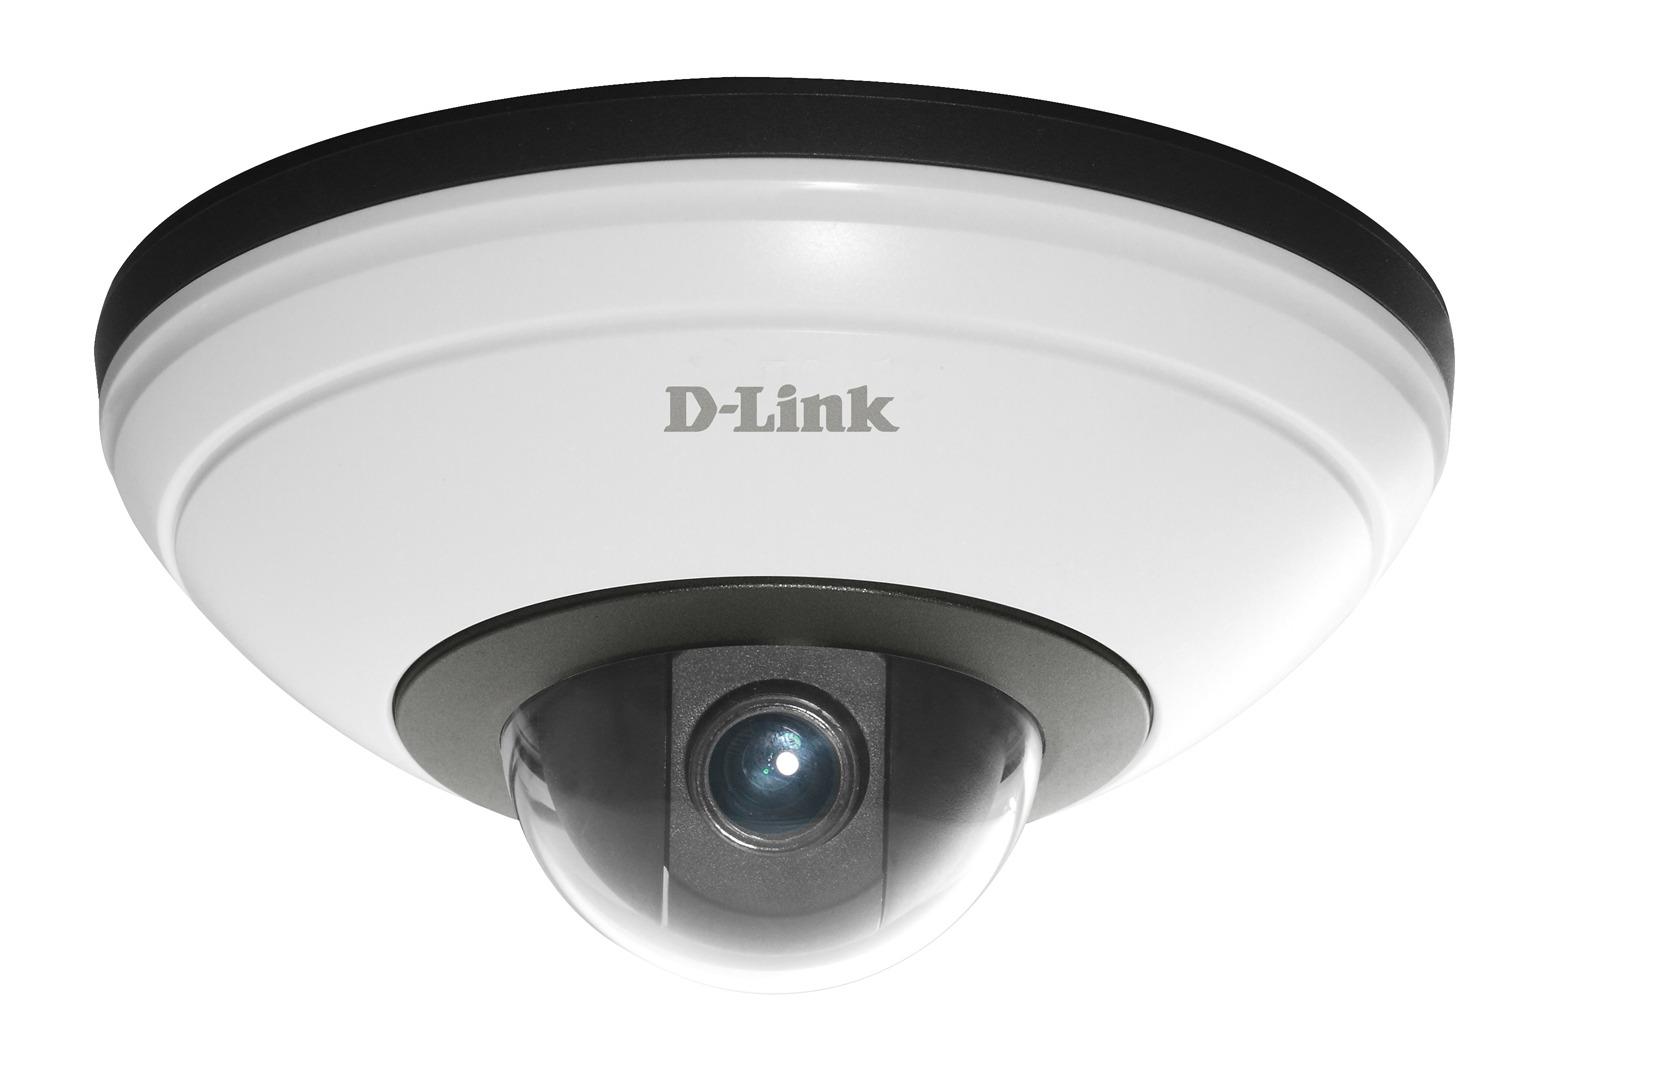 Nadalje razširja nabor naprav za video nadzor v skladu z rastjo tega trga in zahtevami malih podjetij